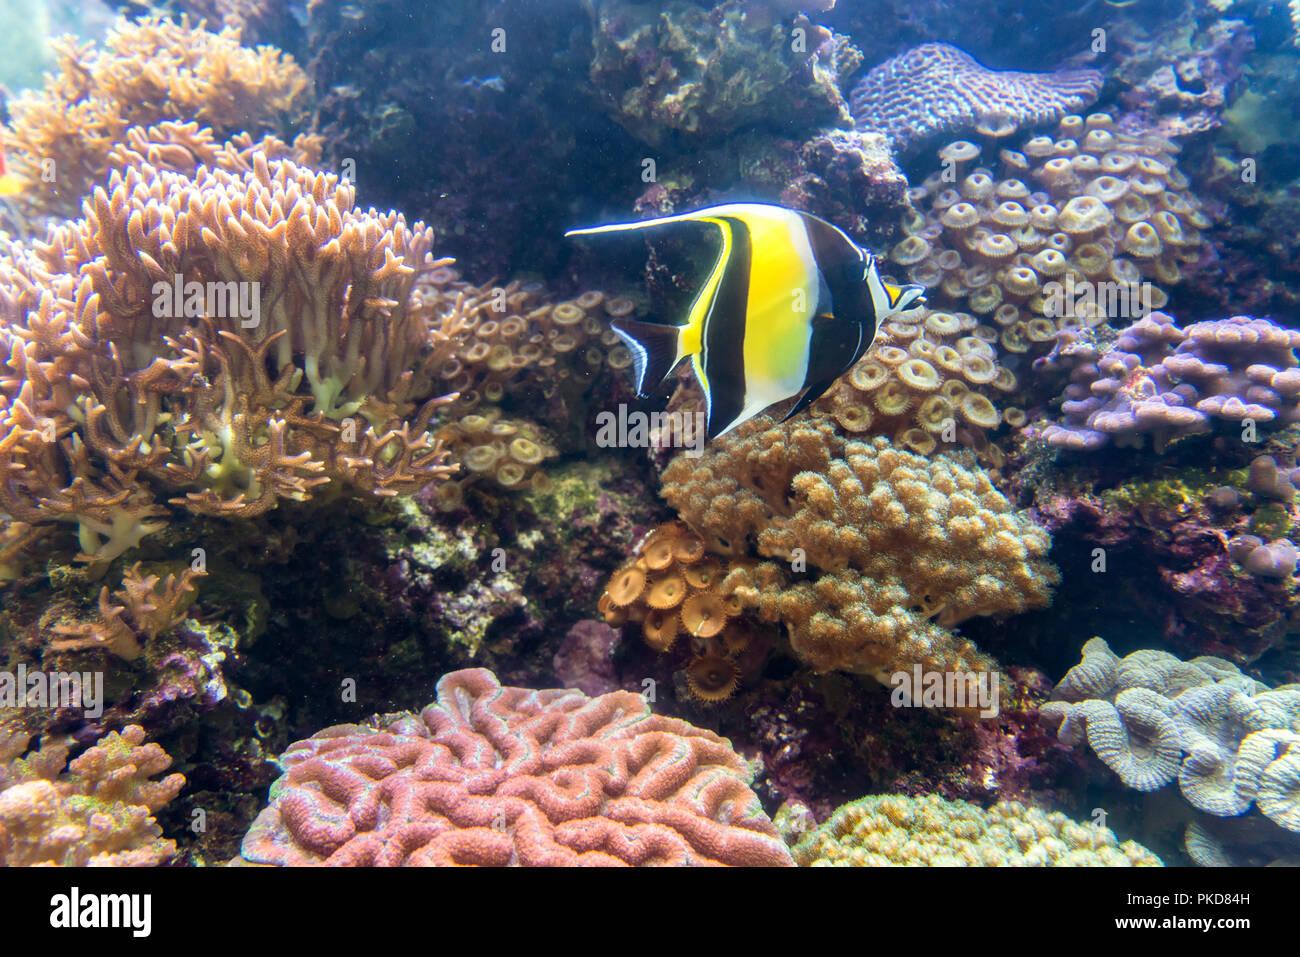 Wunderbare und schöne Unterwasserwelt mit Korallen und tropischen Fischen. Stockbild